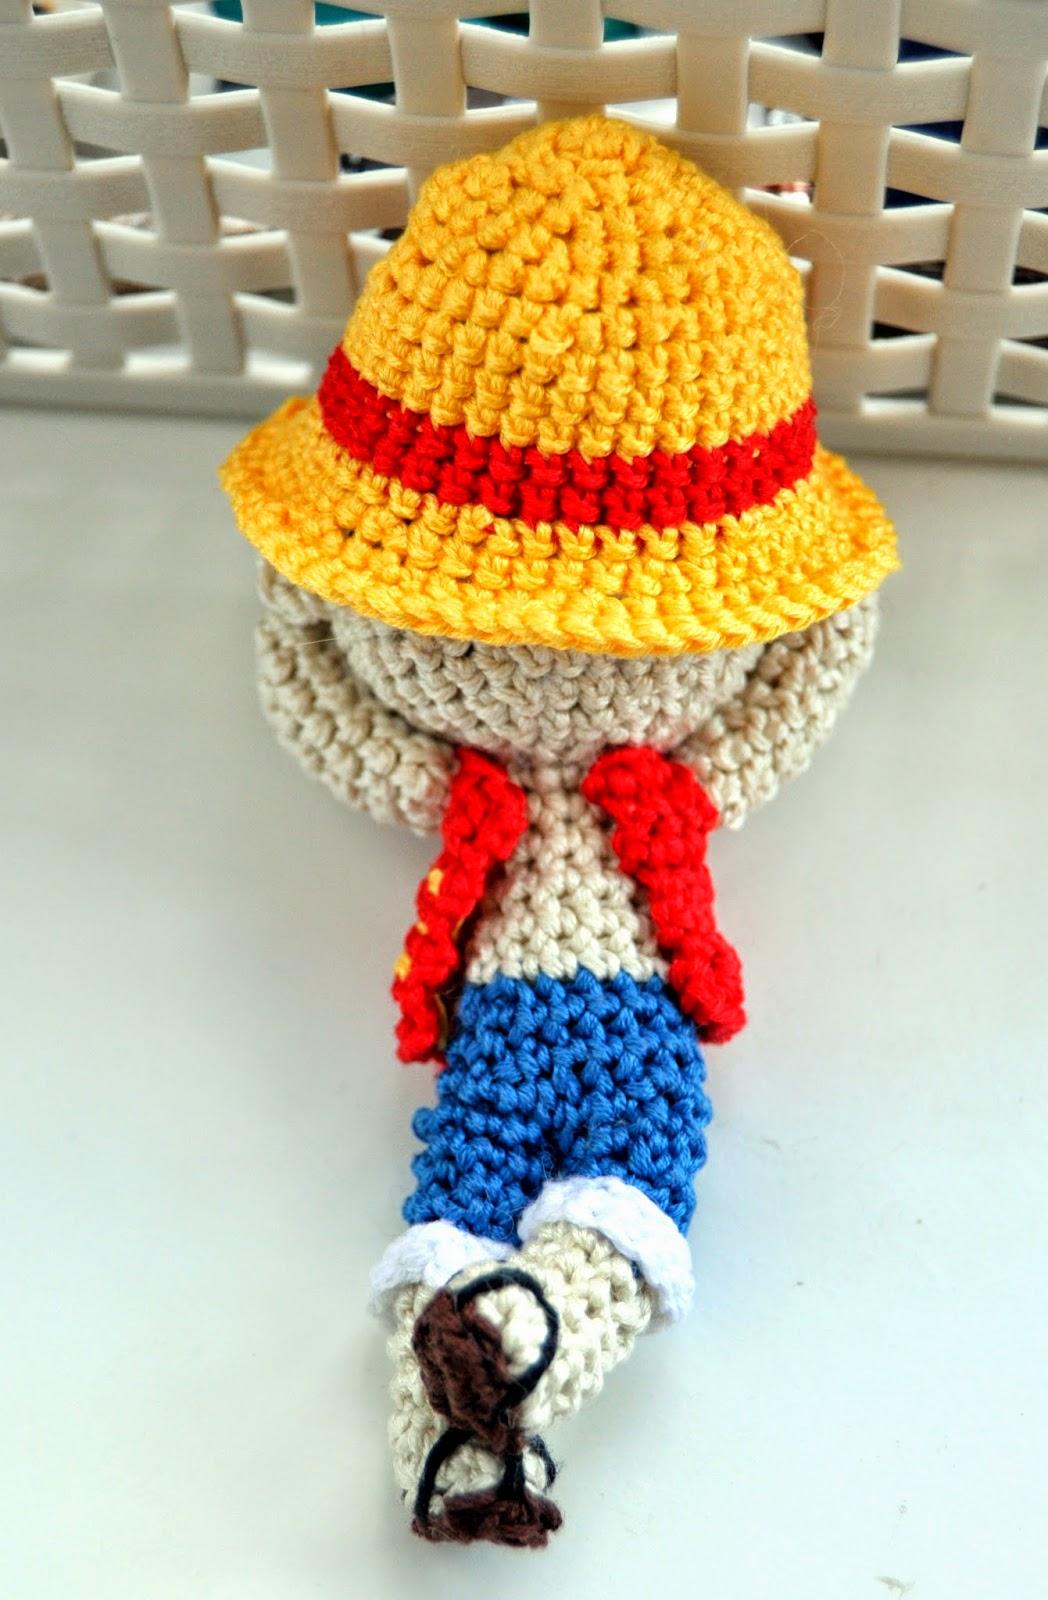 Increíble La Cerveza Puede Crochet Patrón Del Sombrero Imagen ...